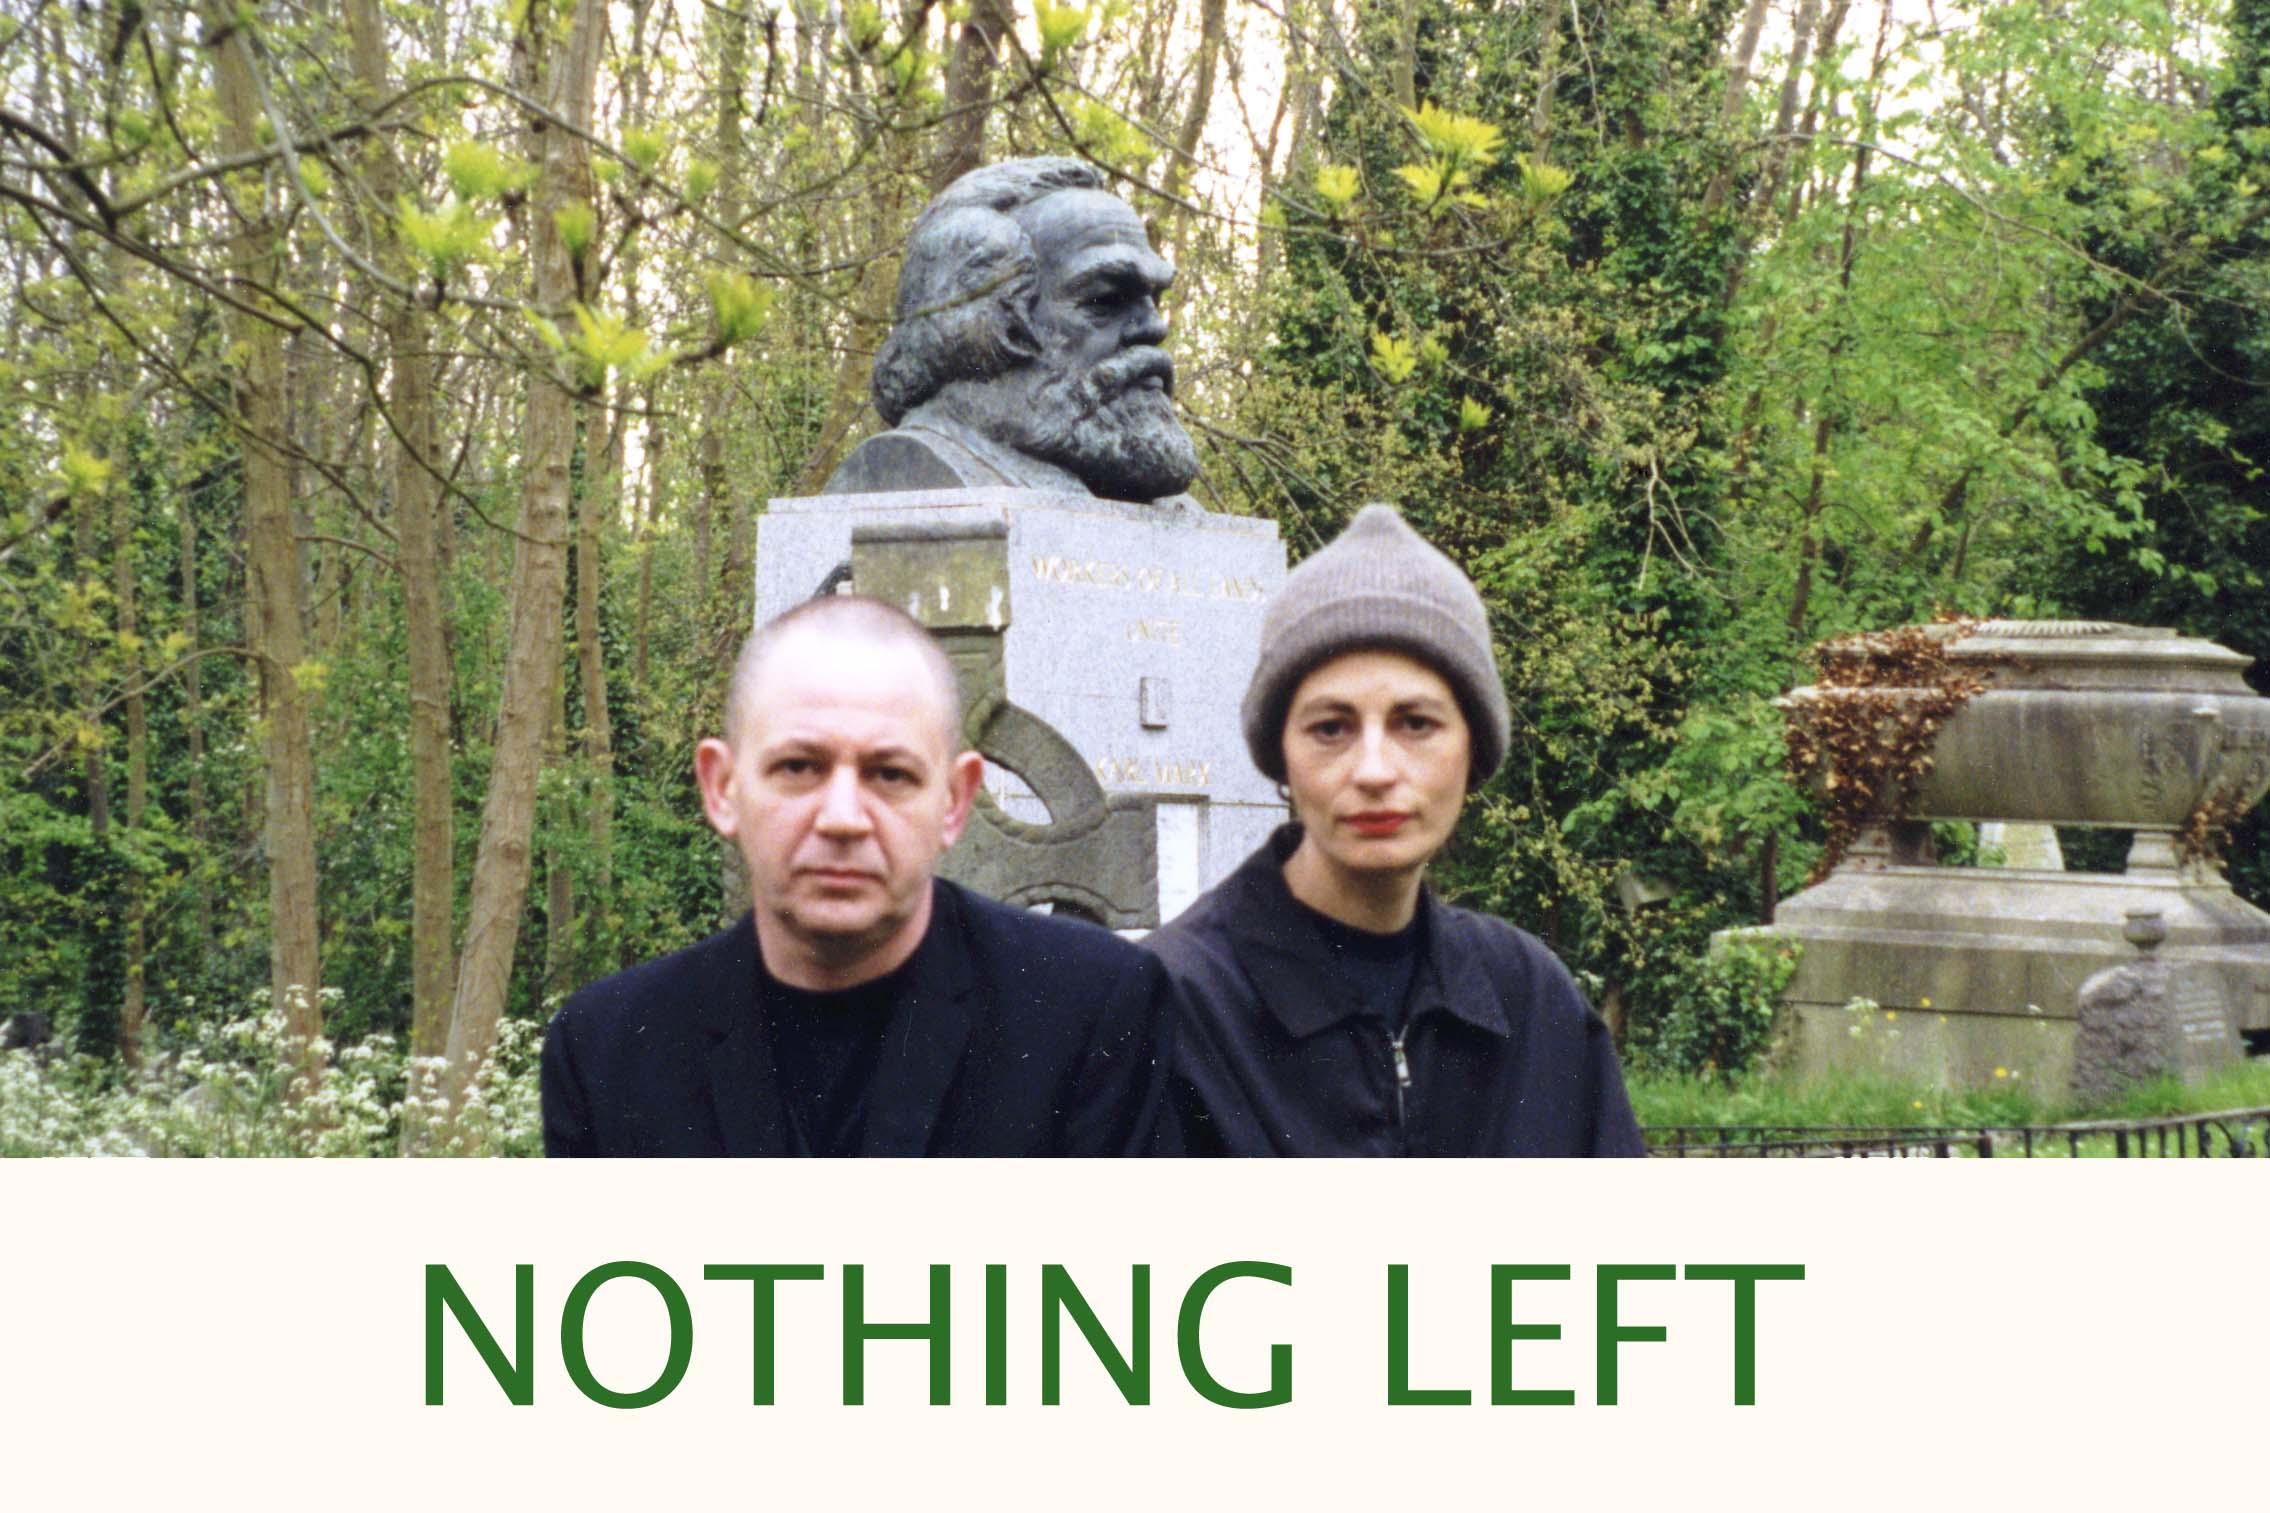 Nothing Works Art in Ruins 2001 Postcard